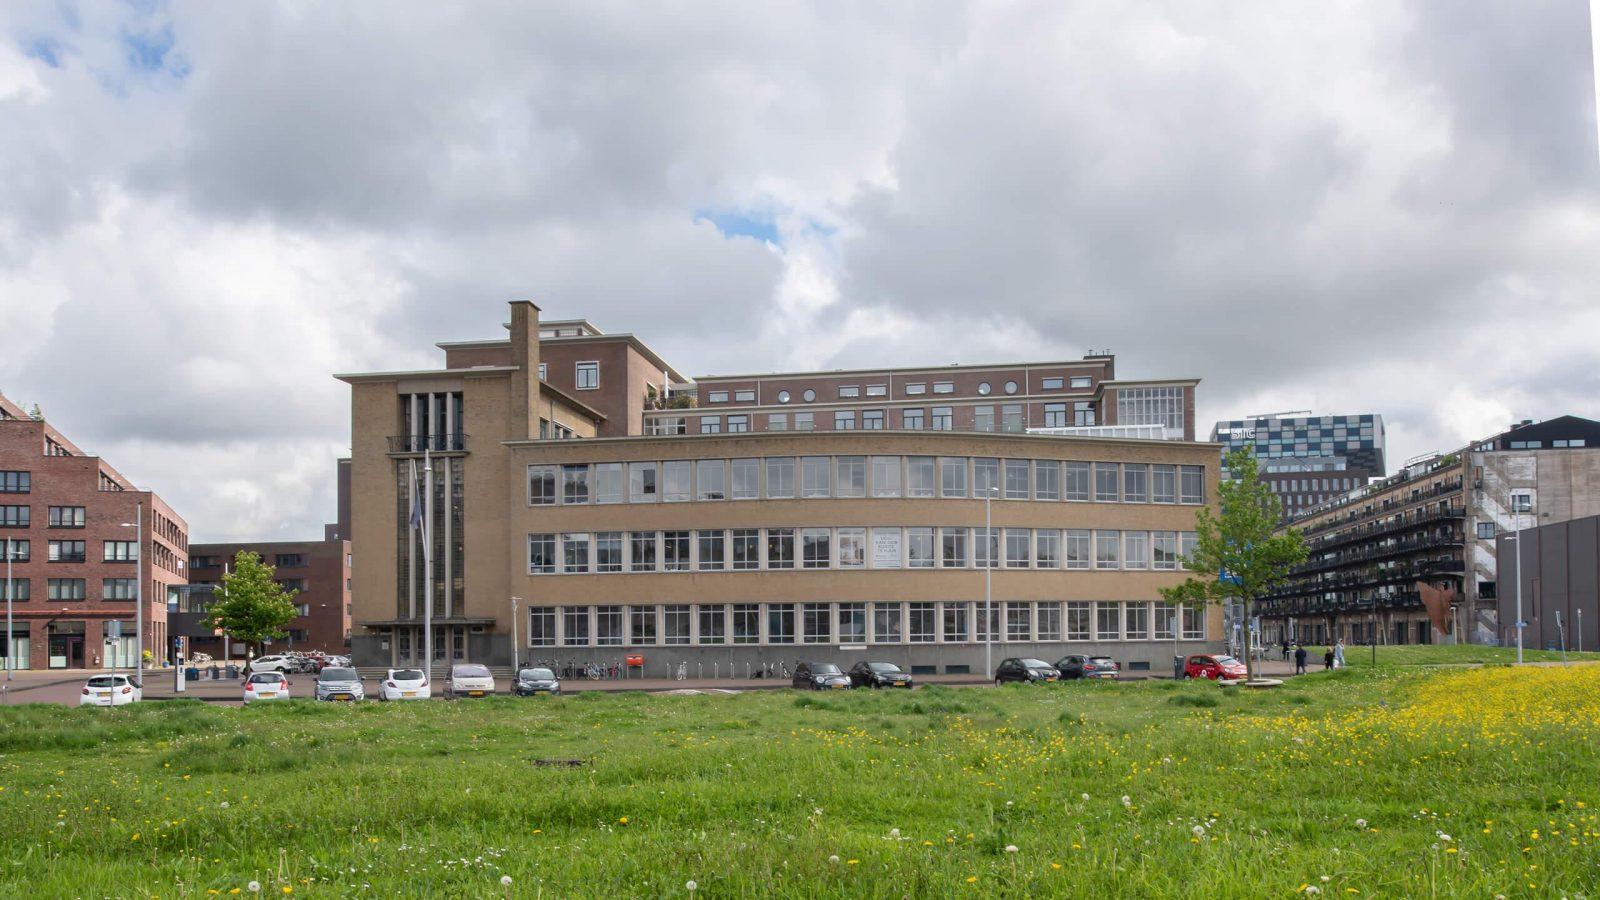 2021 PWR ML kantoor en pakhuis blaauwhoedenveem